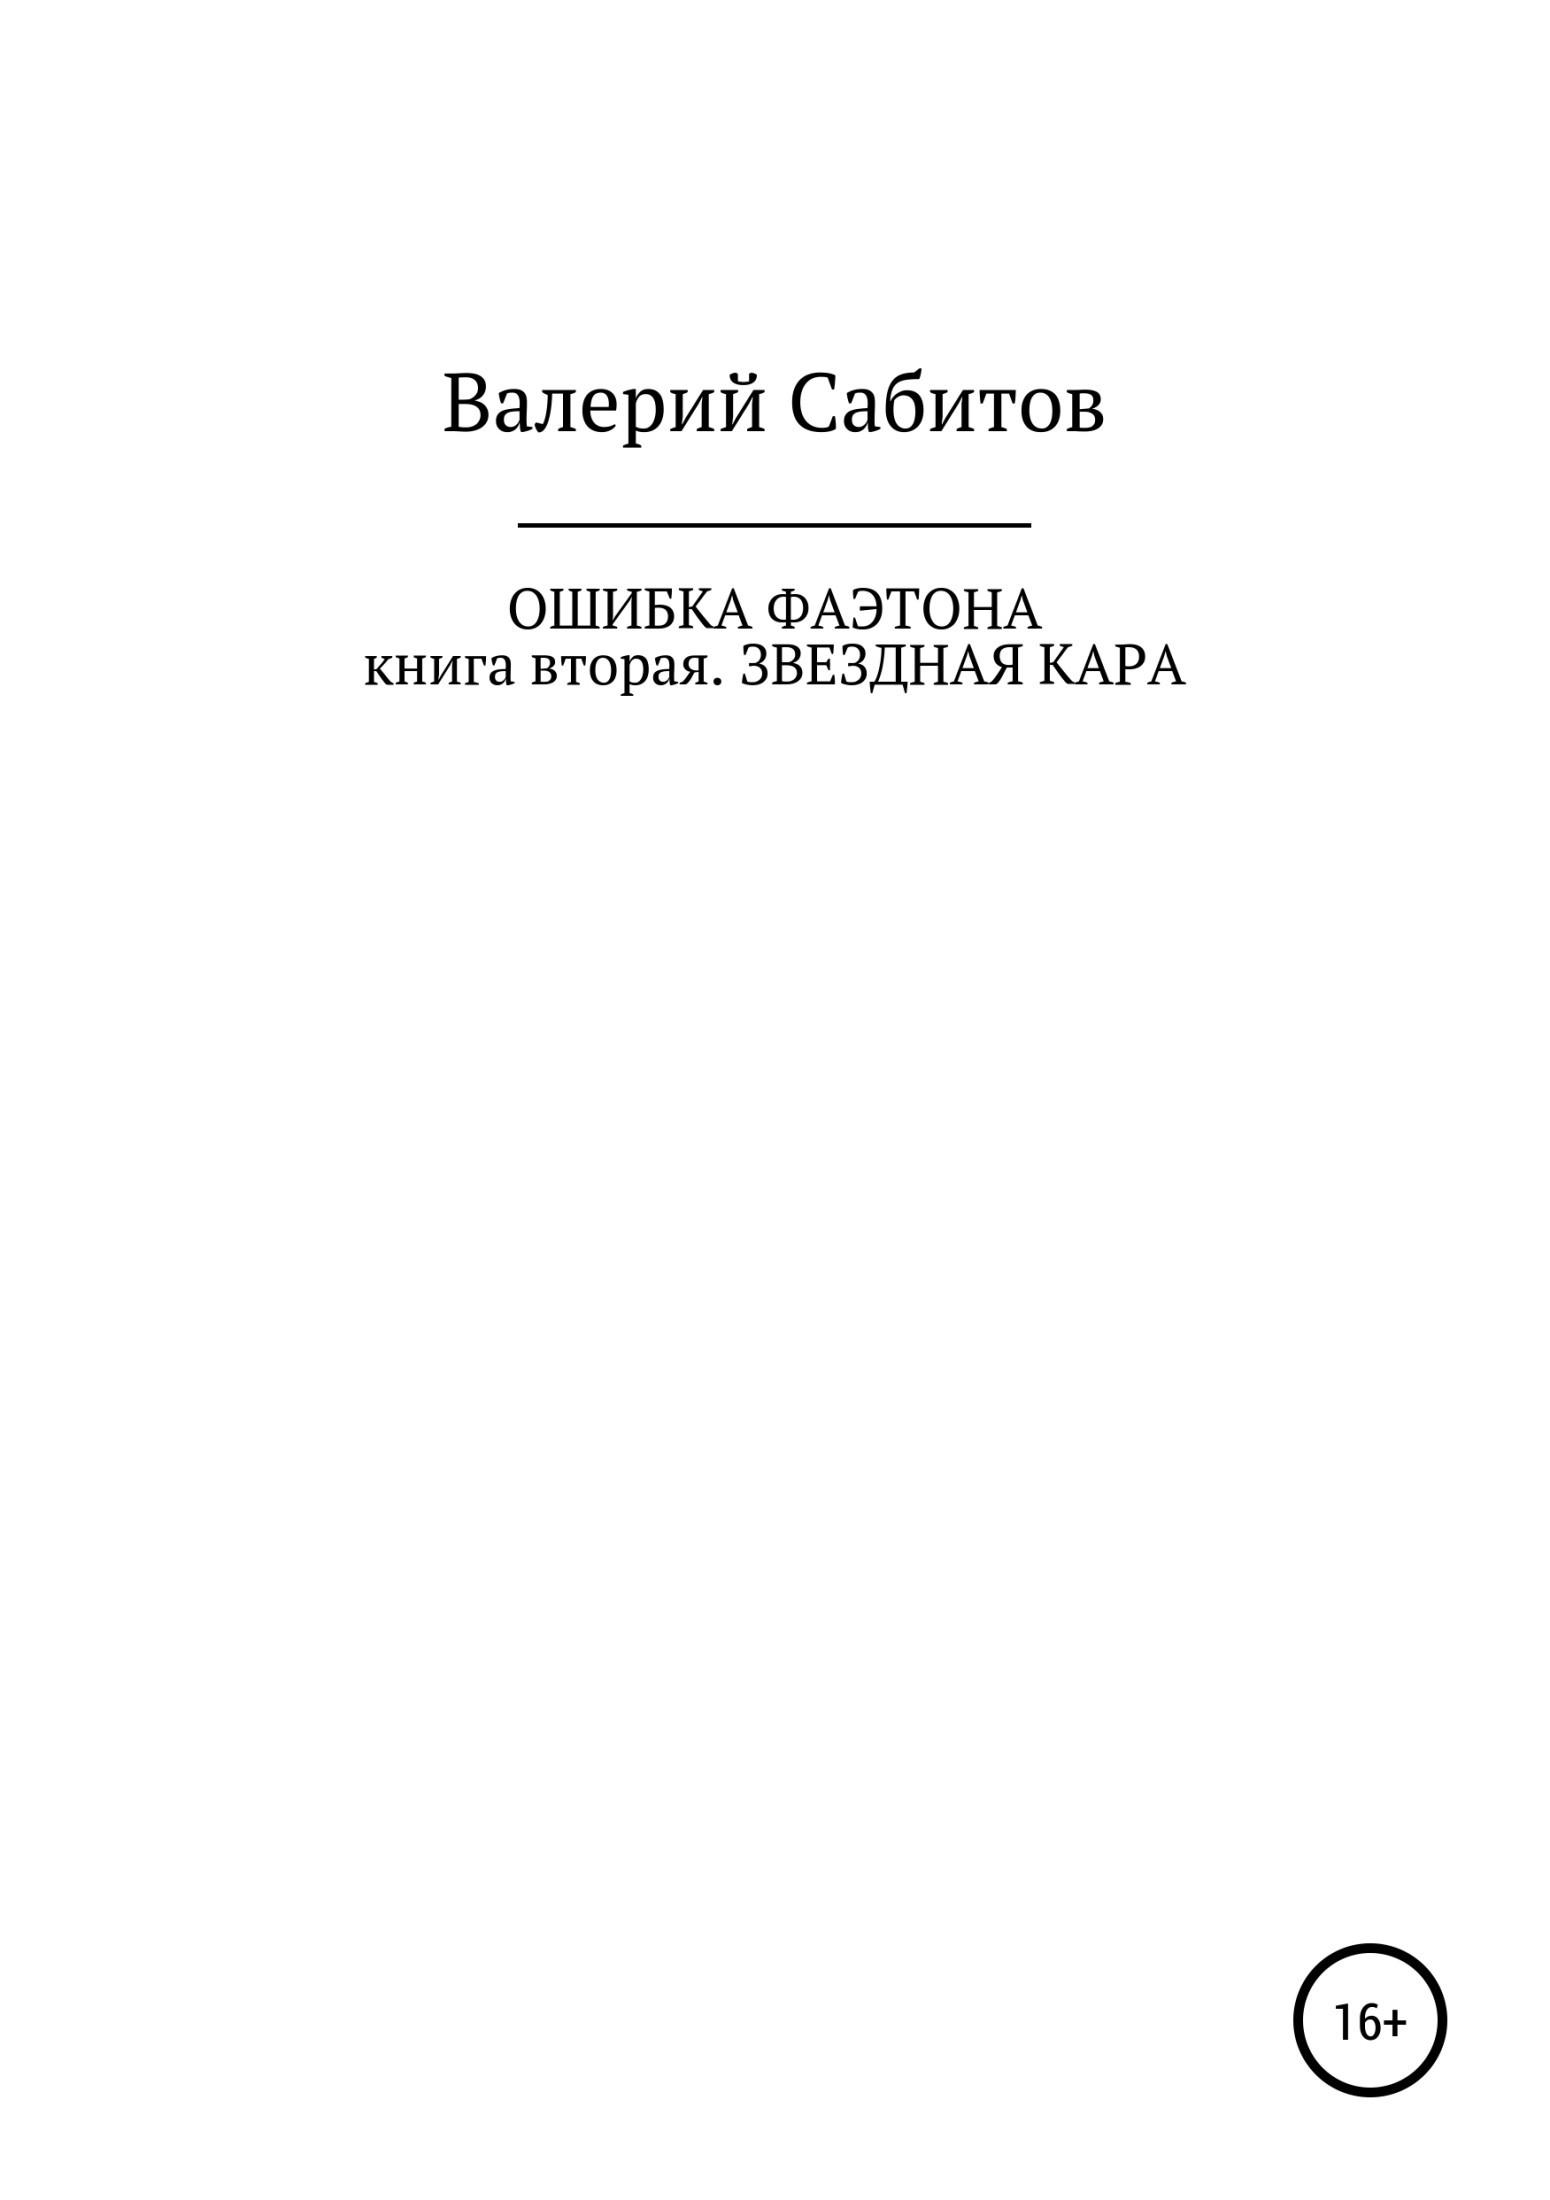 Валерий Сабитов Ошибка Фаэтона. Книга вторая. Звездная кара елена звездная катриона сияние черной звезды